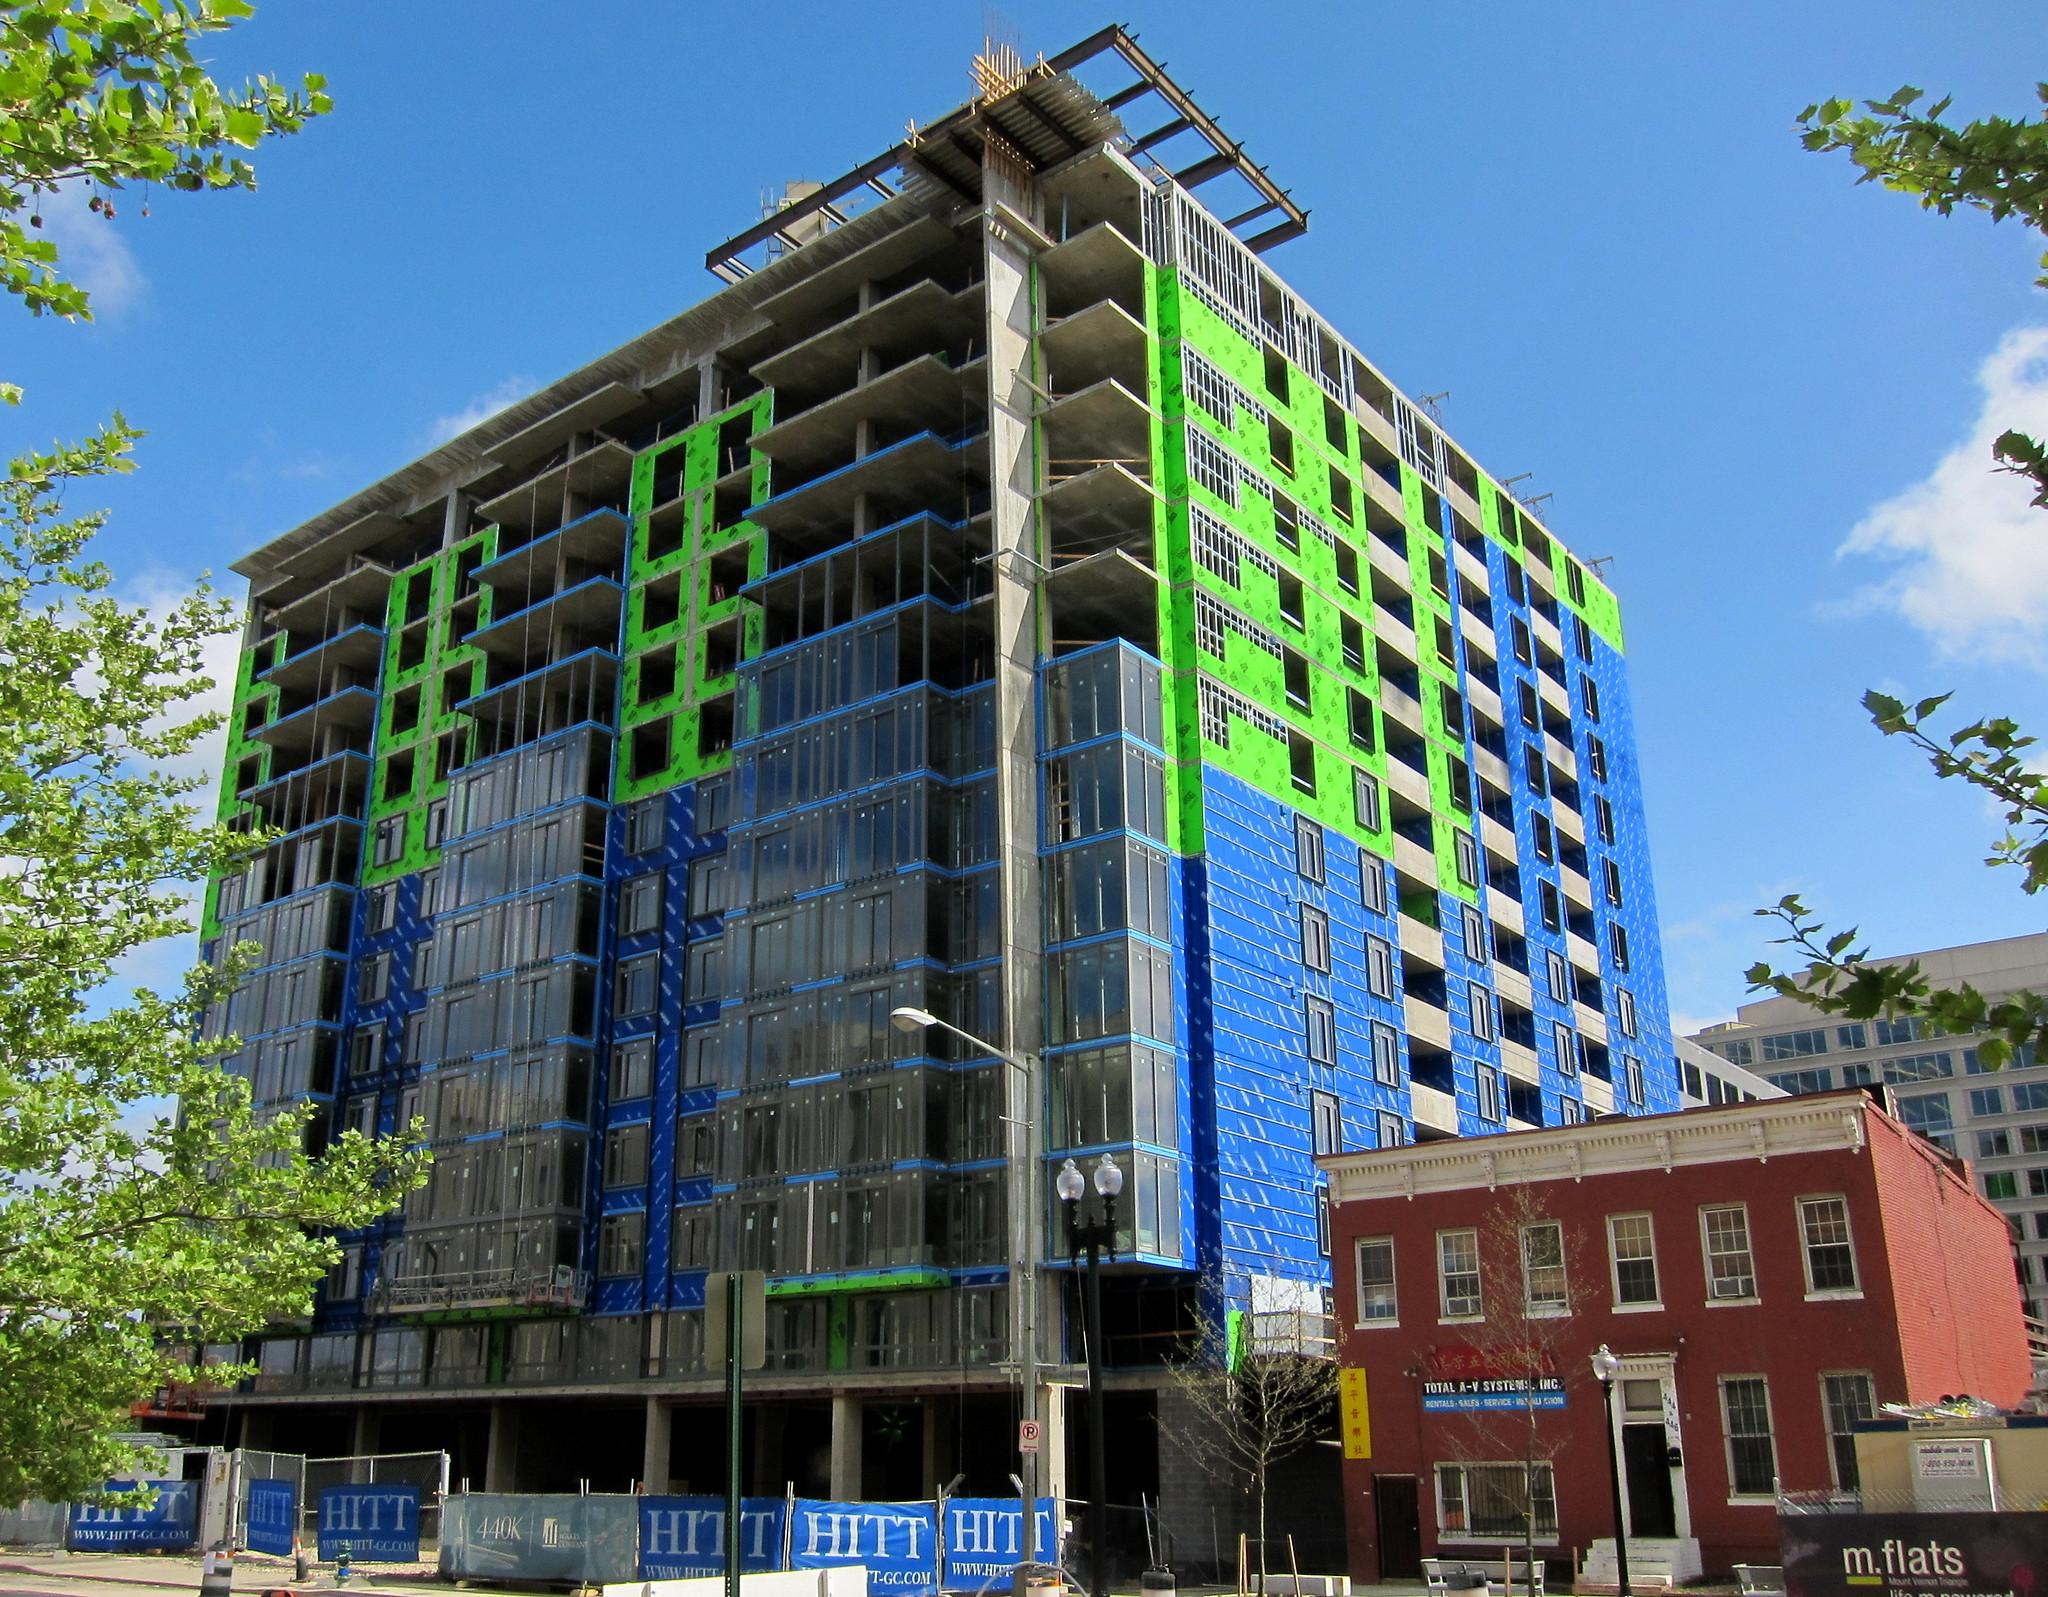 Davis Square Apartment Complex